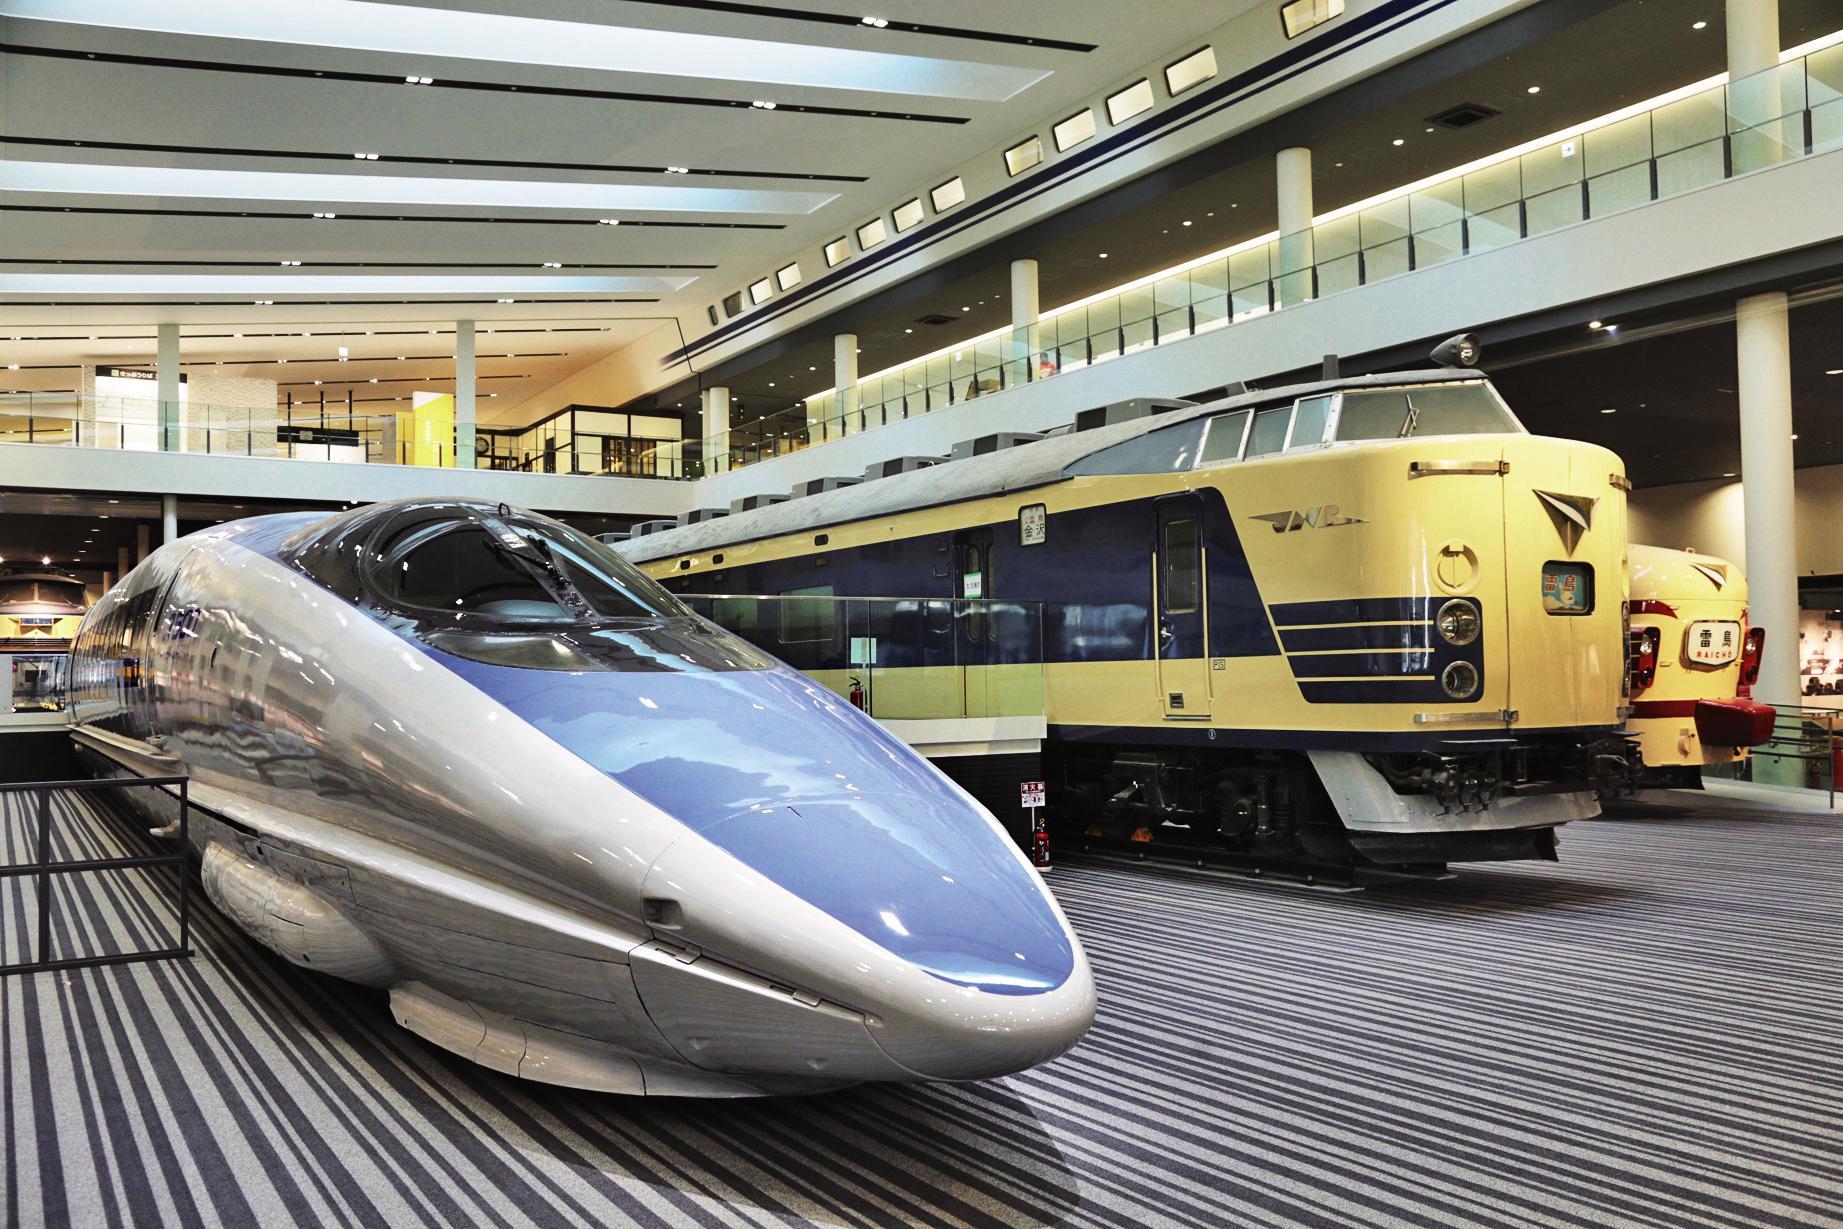 見て・ふれて・体験しながら鉄道の歴史が学べる京都鉄道博物館